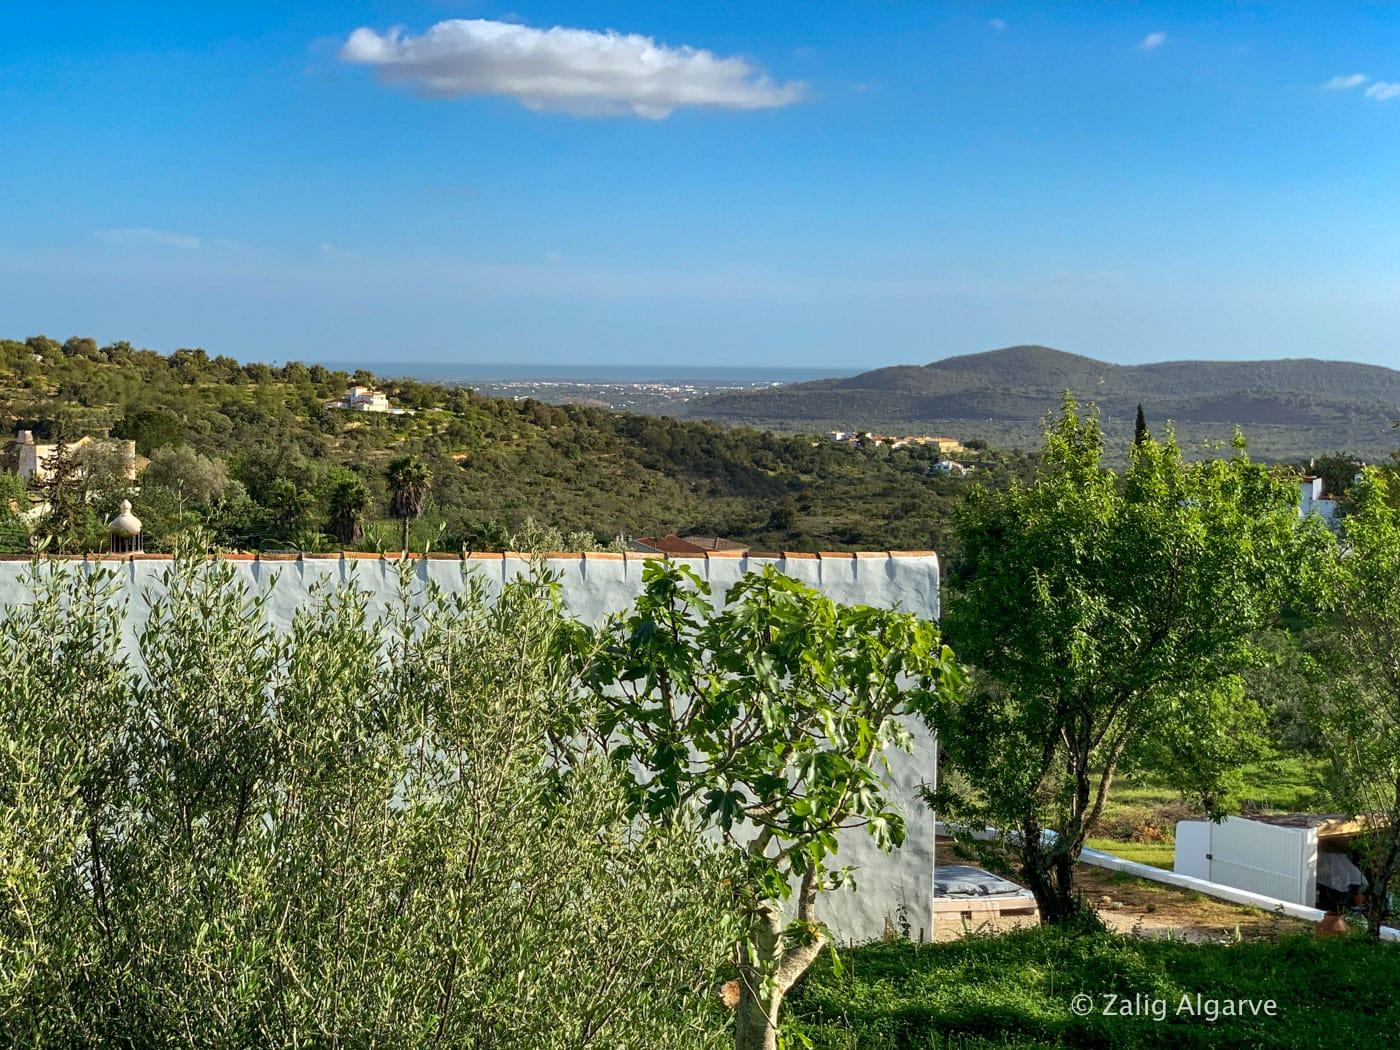 casa-linear-zalig-Algarve-17_1